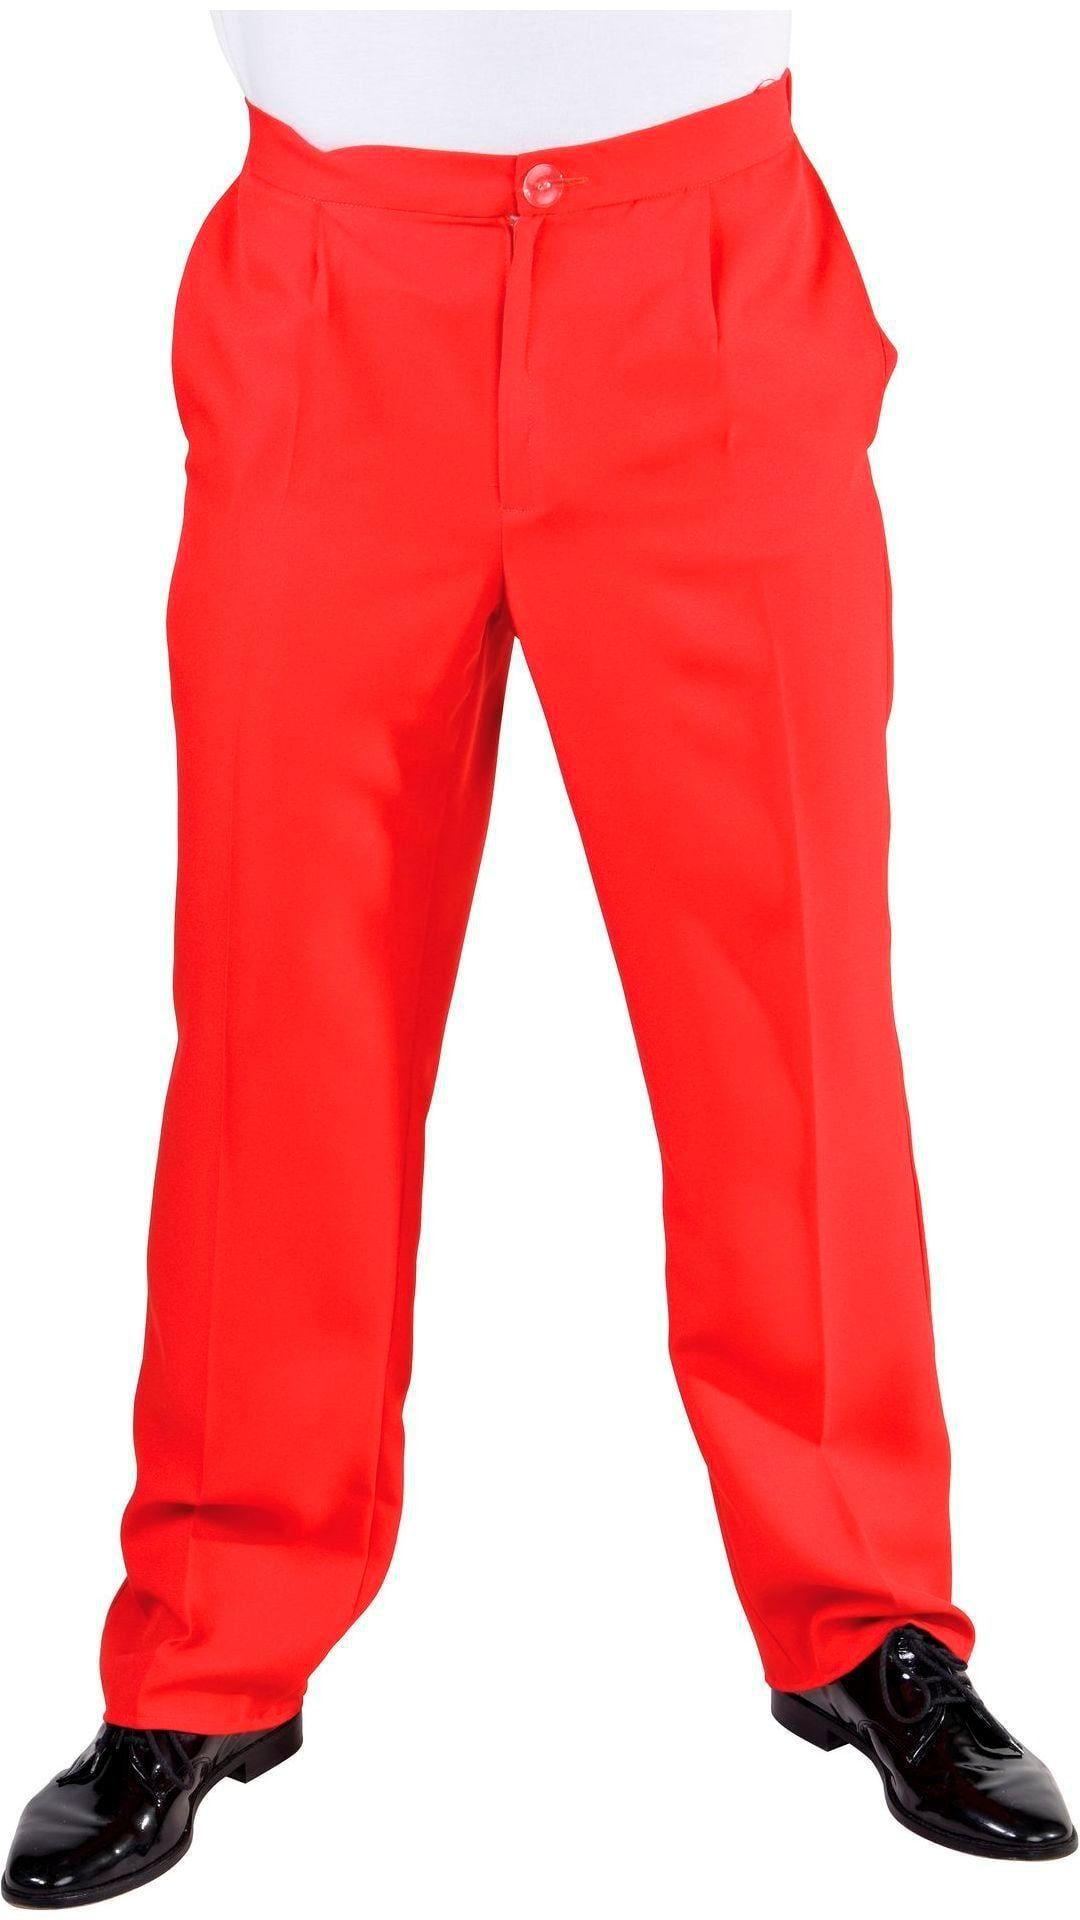 Mannen broek rood